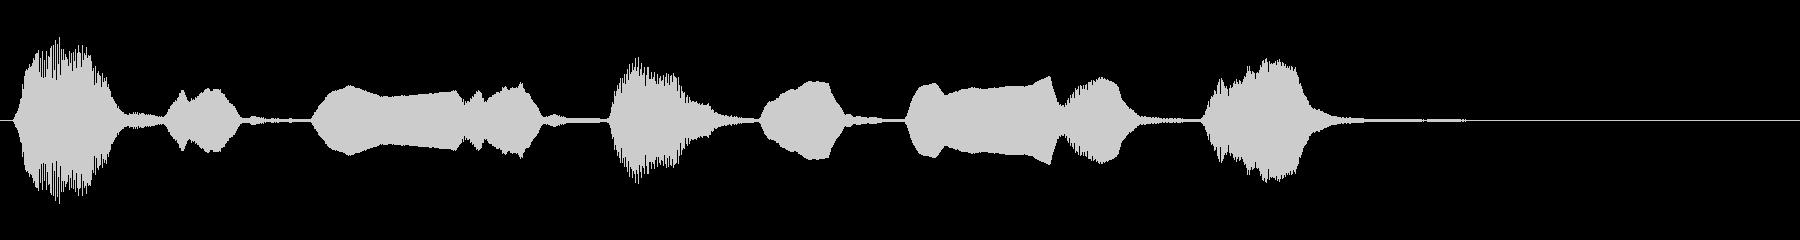 リコーダーの素朴なジングルの未再生の波形